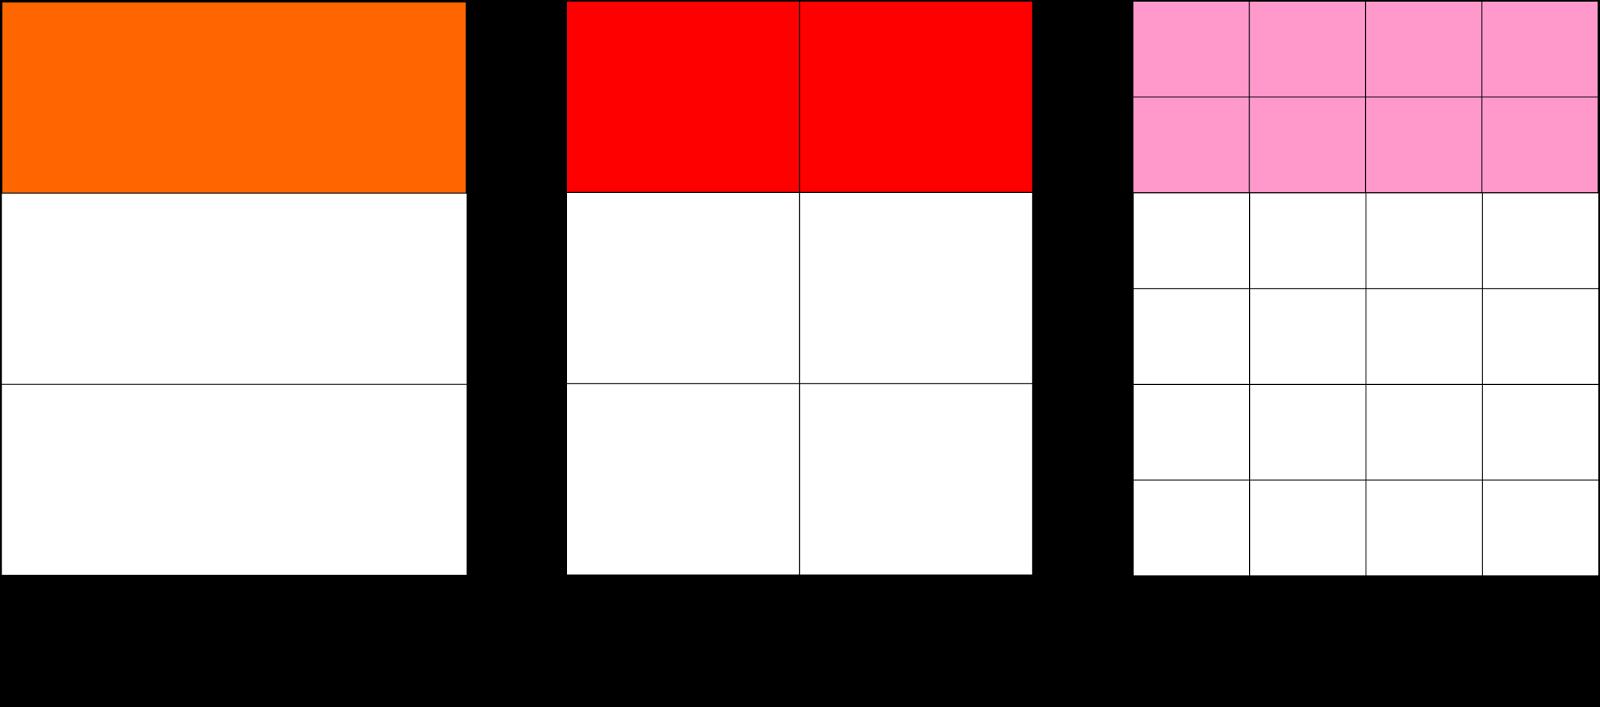 3 fracciones equivalentes a 1 2 yahoo dating